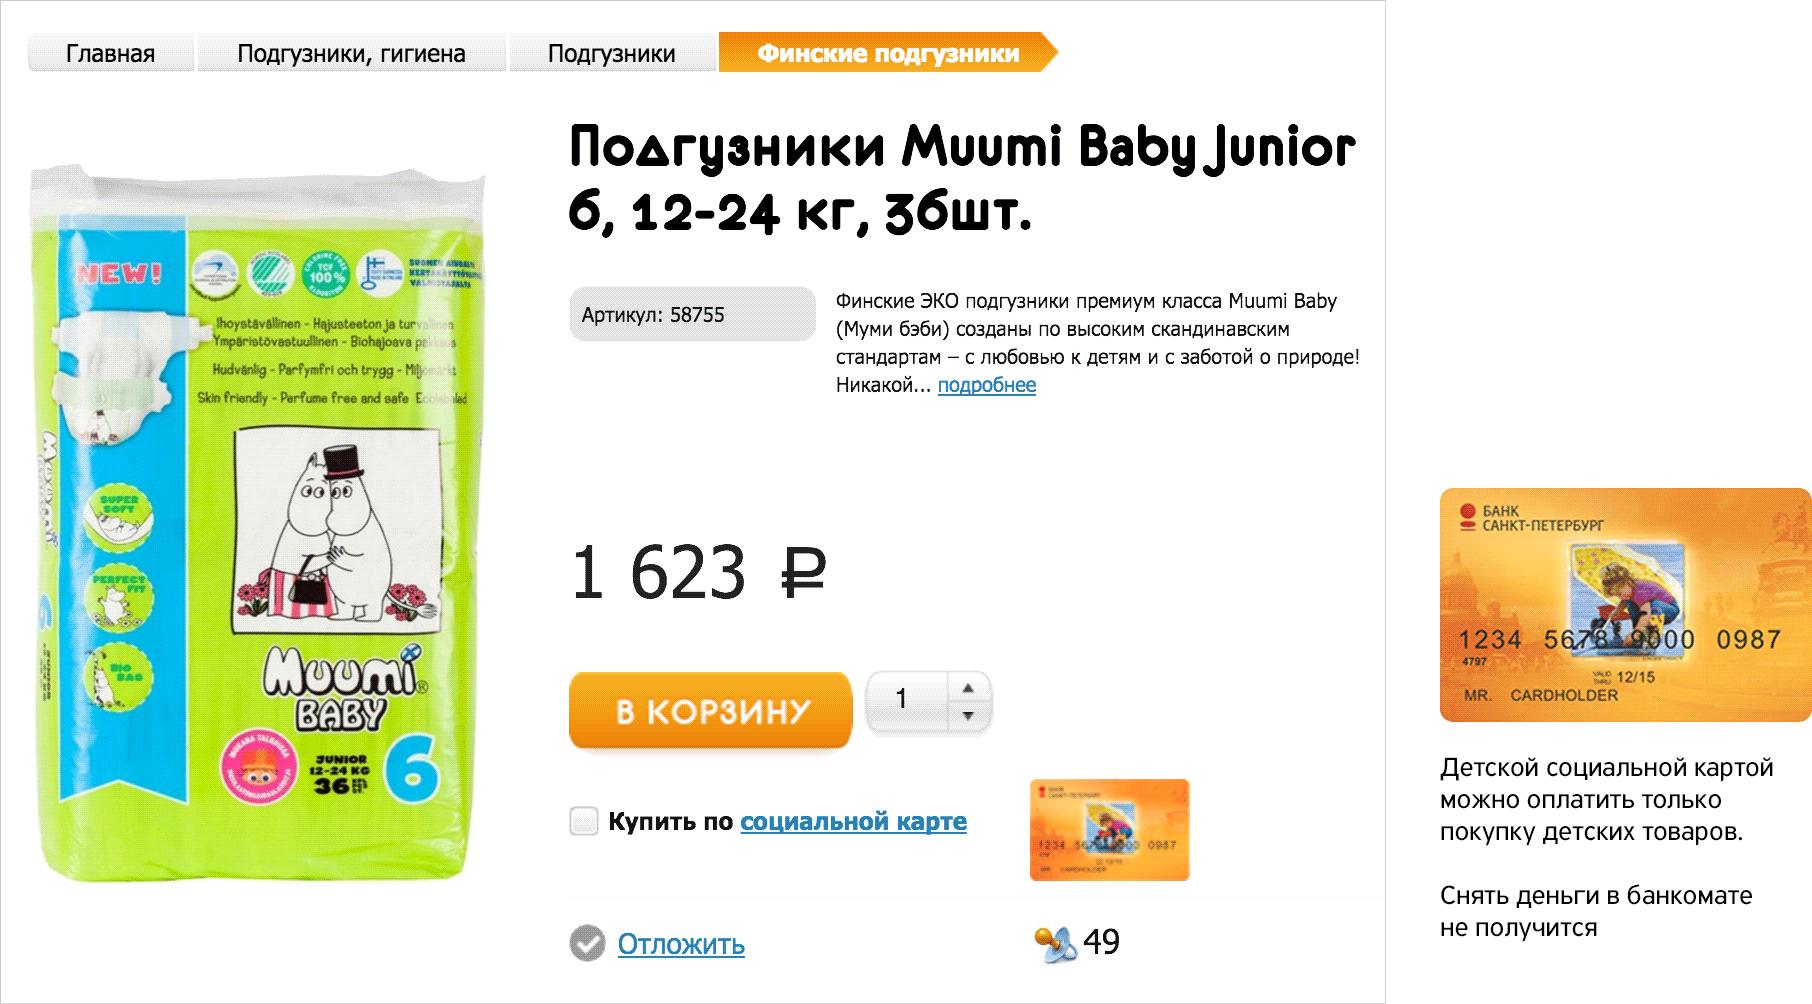 В интернет-магазине «Хэлптумама» можно купить подгузники и другие детские товары по социальной карте